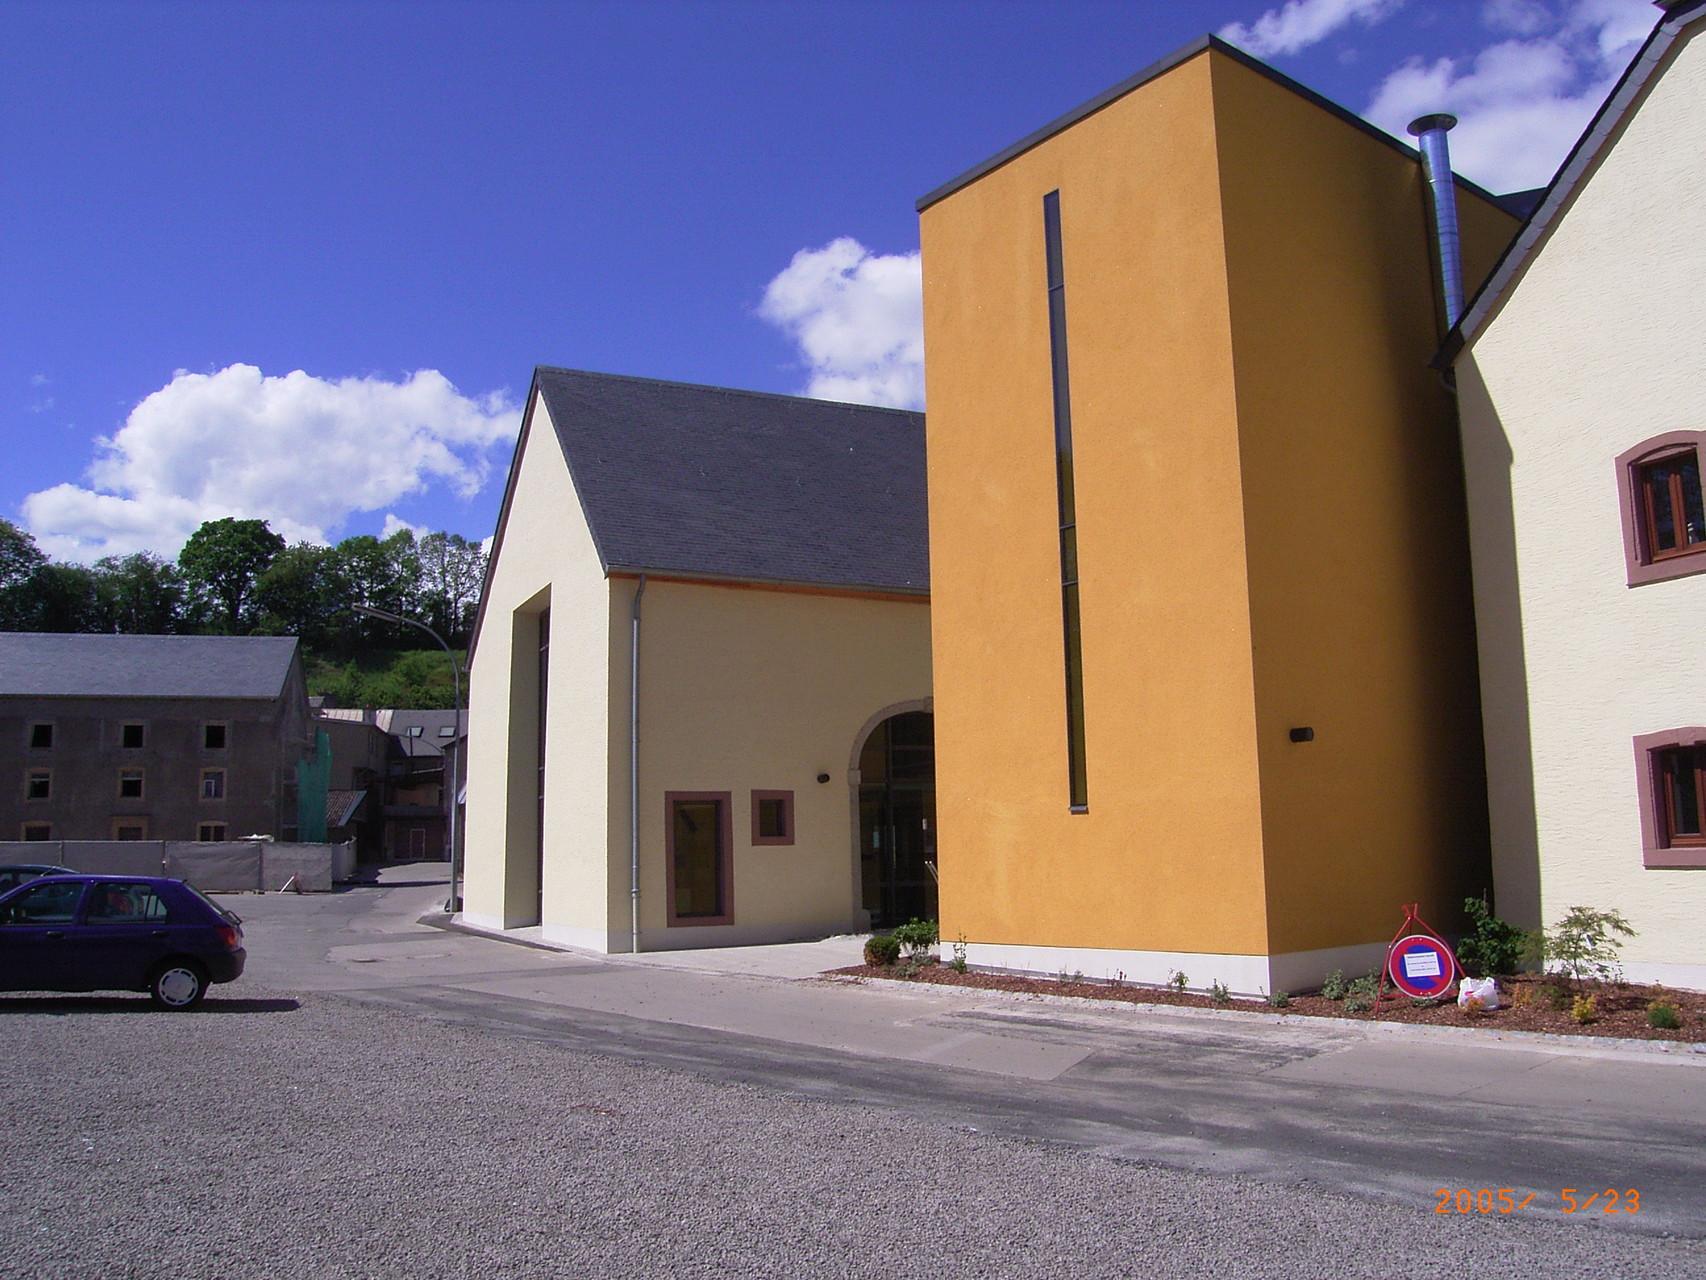 Verwaltungsgebäude Bissen, Luxembourg